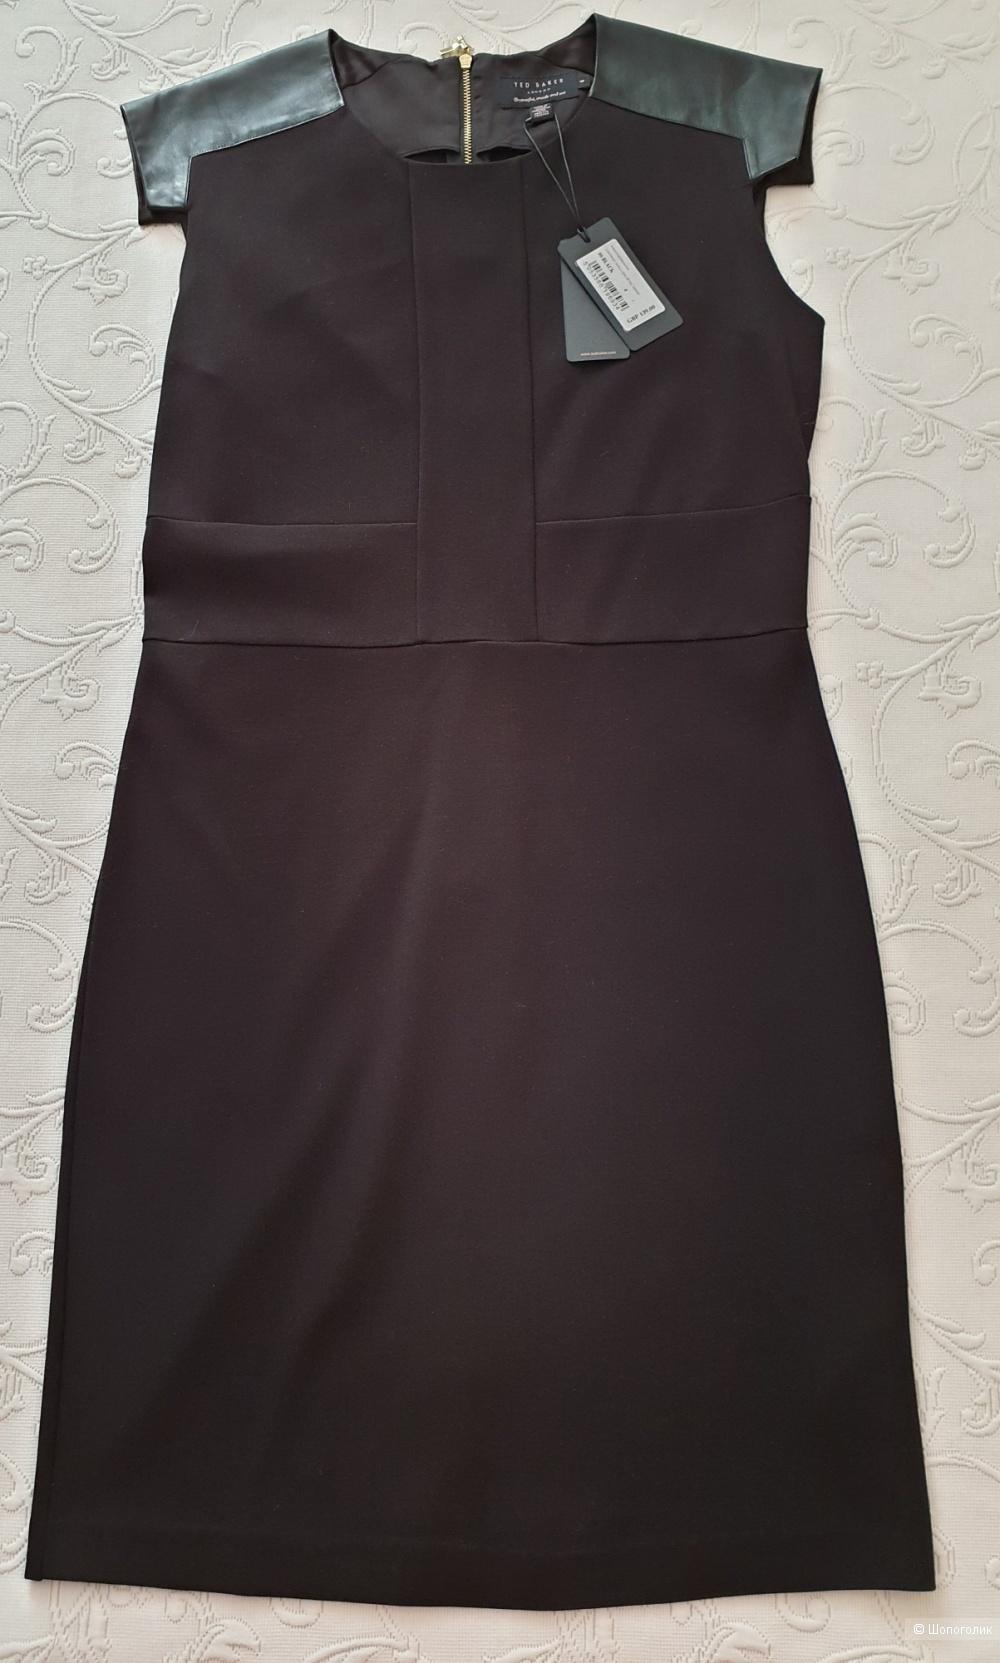 Платье Ted Baker размер 4 (на российский 46-48)